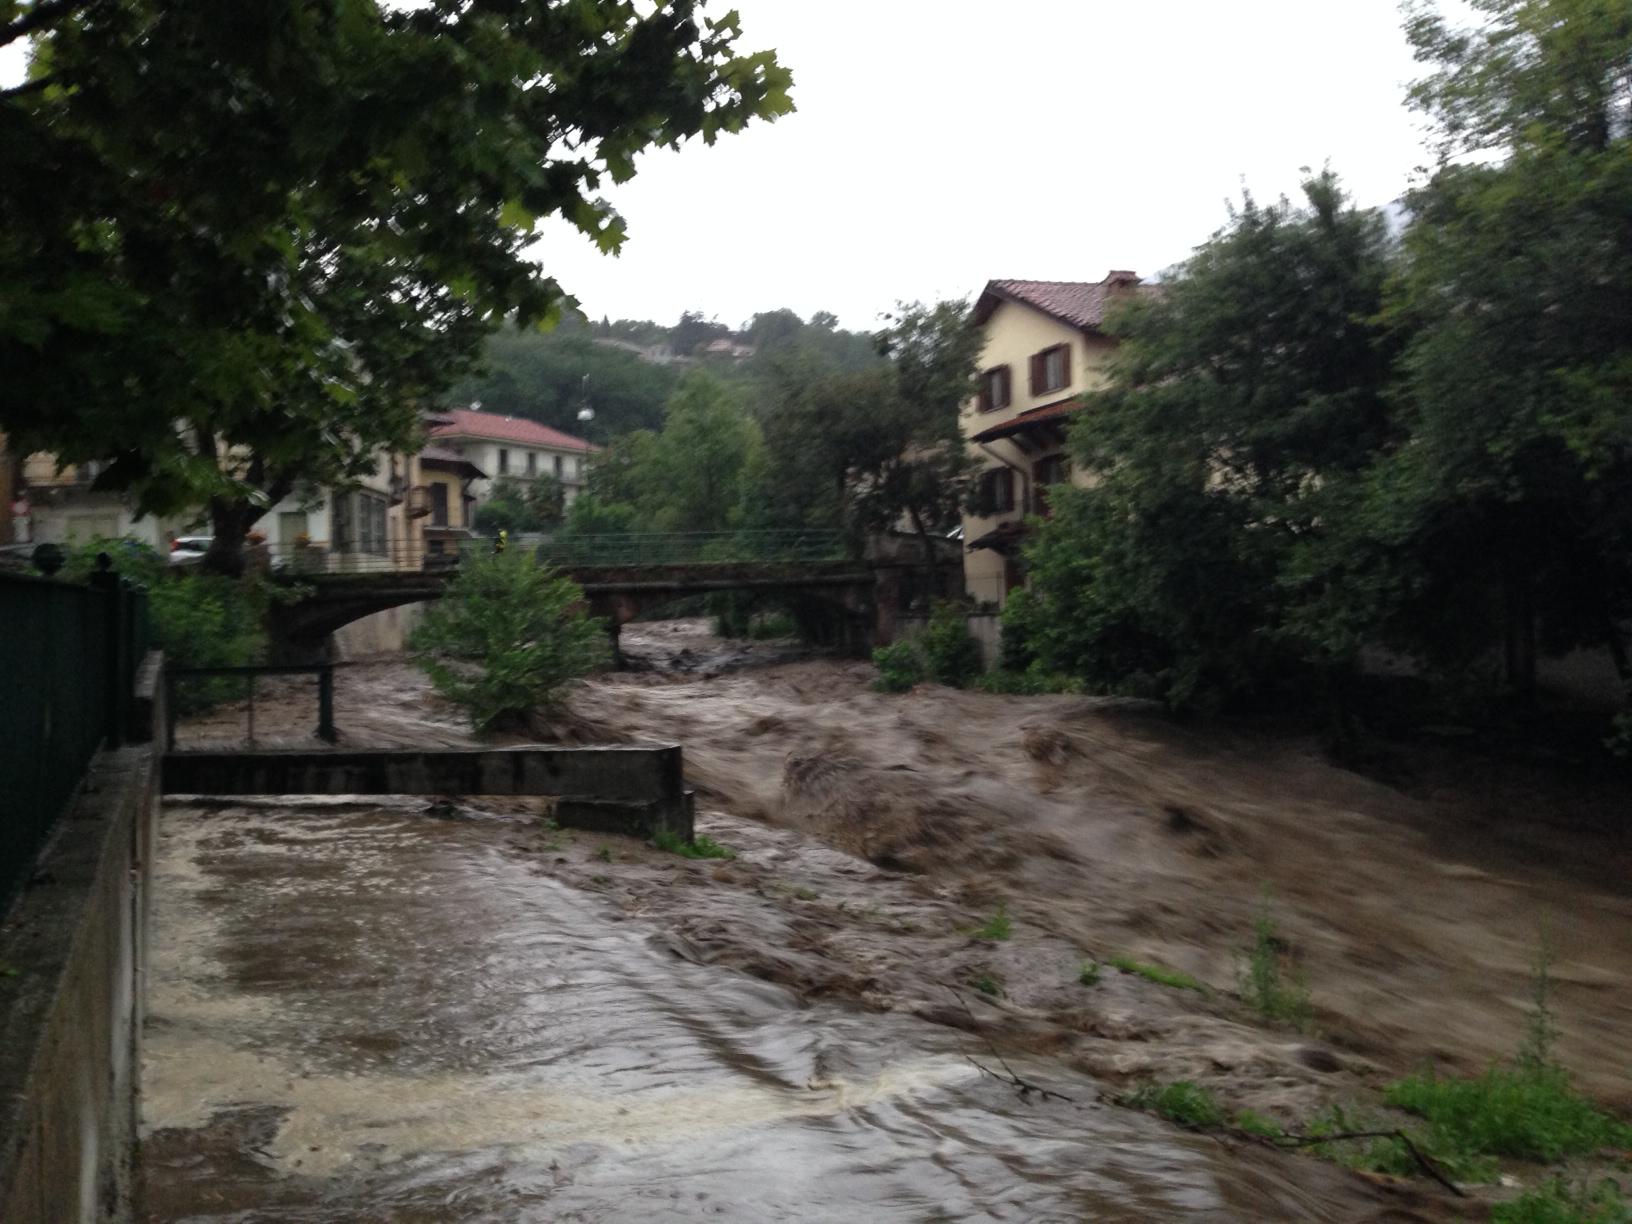 Prova di evacuazione per rischio esondazione, il 28 febbraio ad Almese